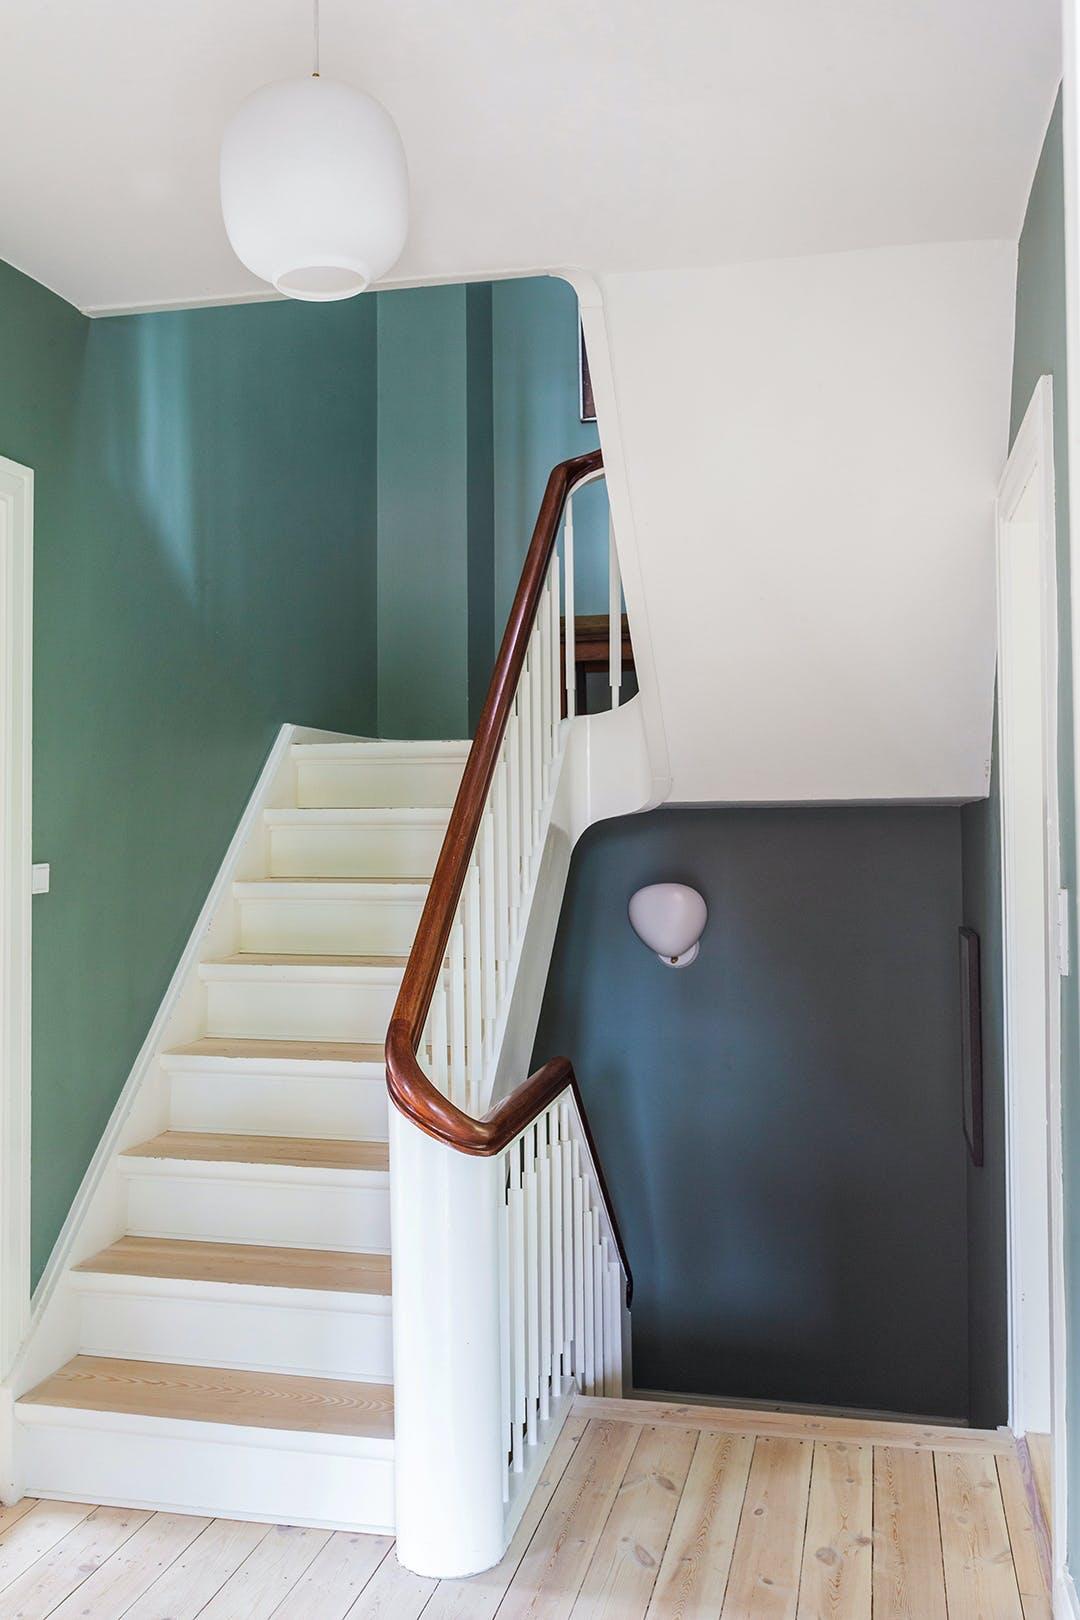 grøn blå væg trappe opgang